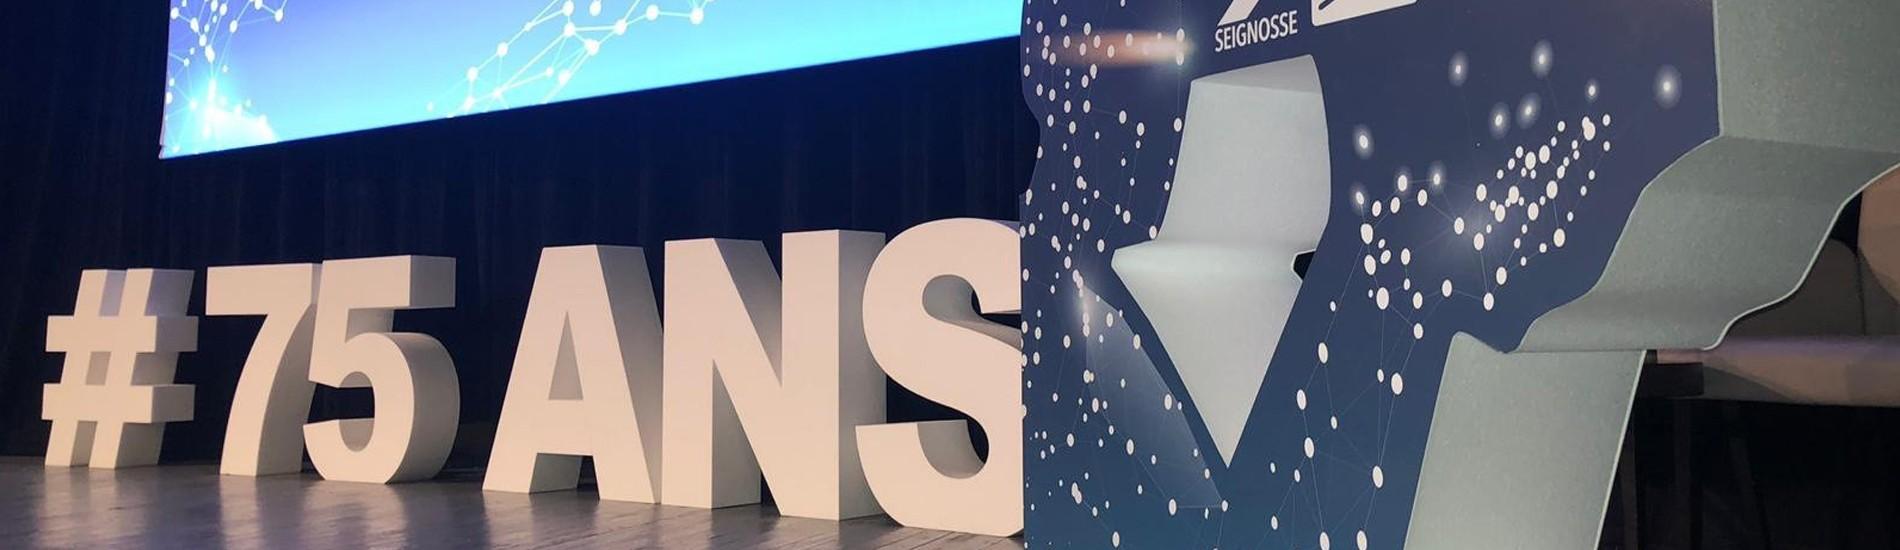 Lettres et comptoirs en géants en polystyrène 29ème Congrès du SNB 75 ans anniversaire fête conférence évènement professionnel